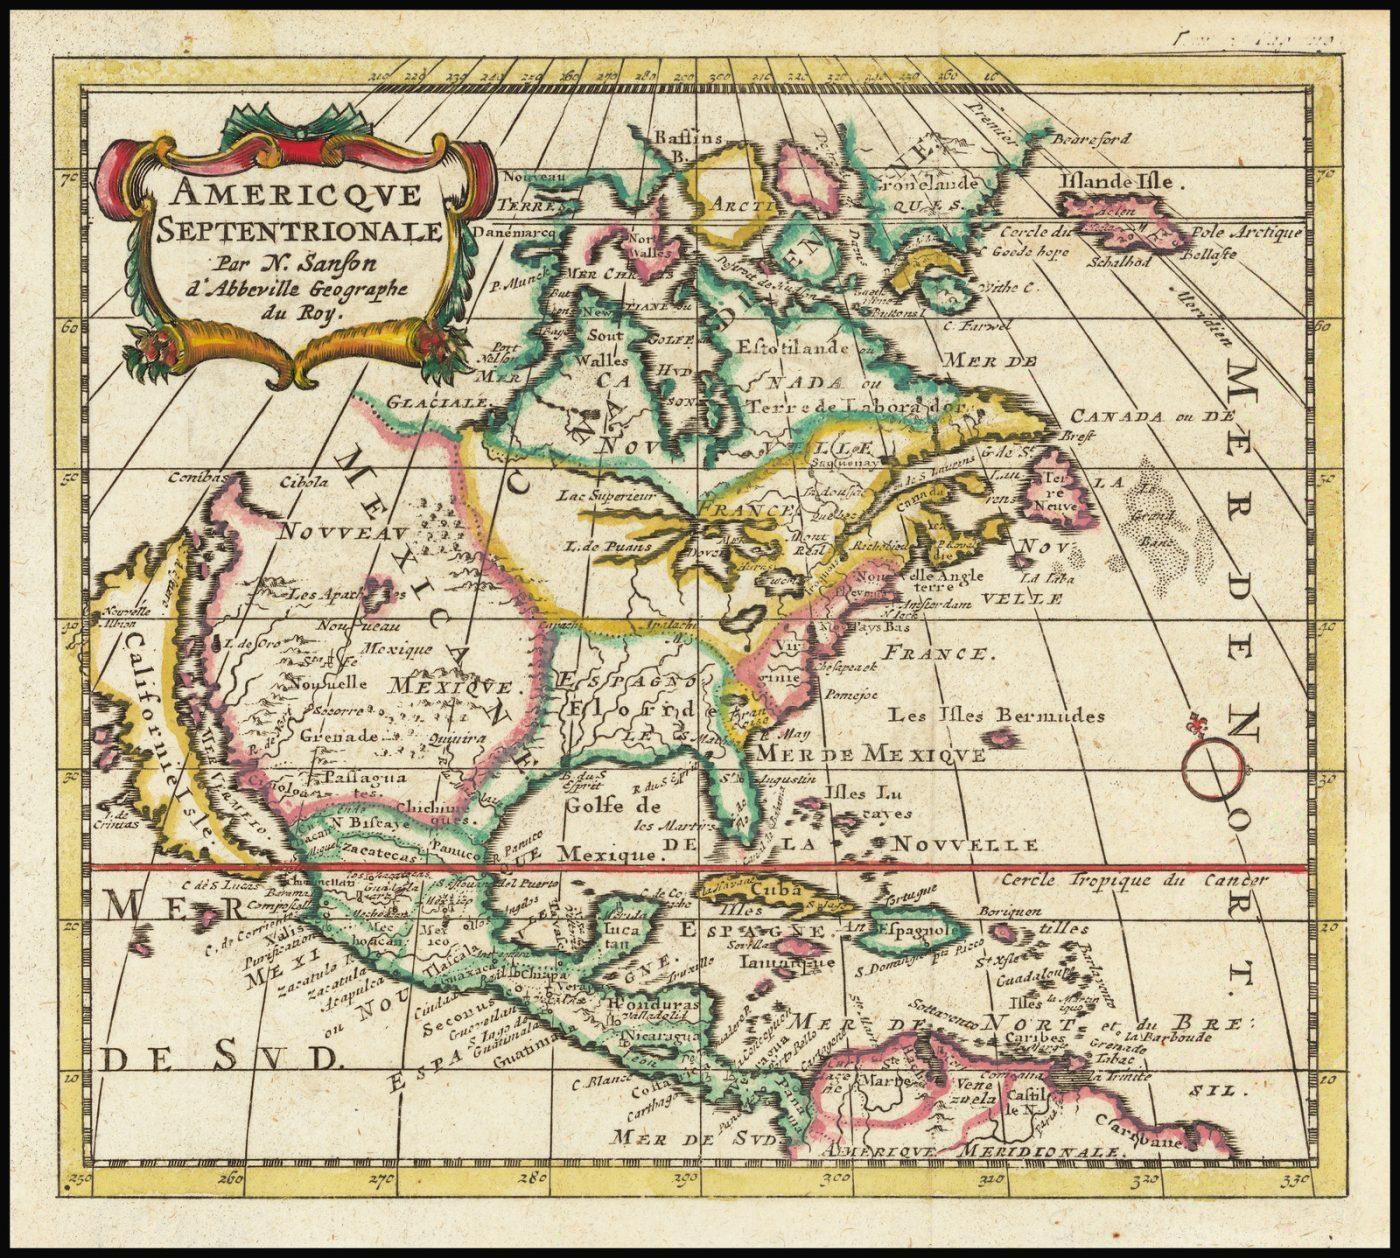 Редкий вариант издания карты Северной Америки Сансона, изображающей Калифорнию как остров